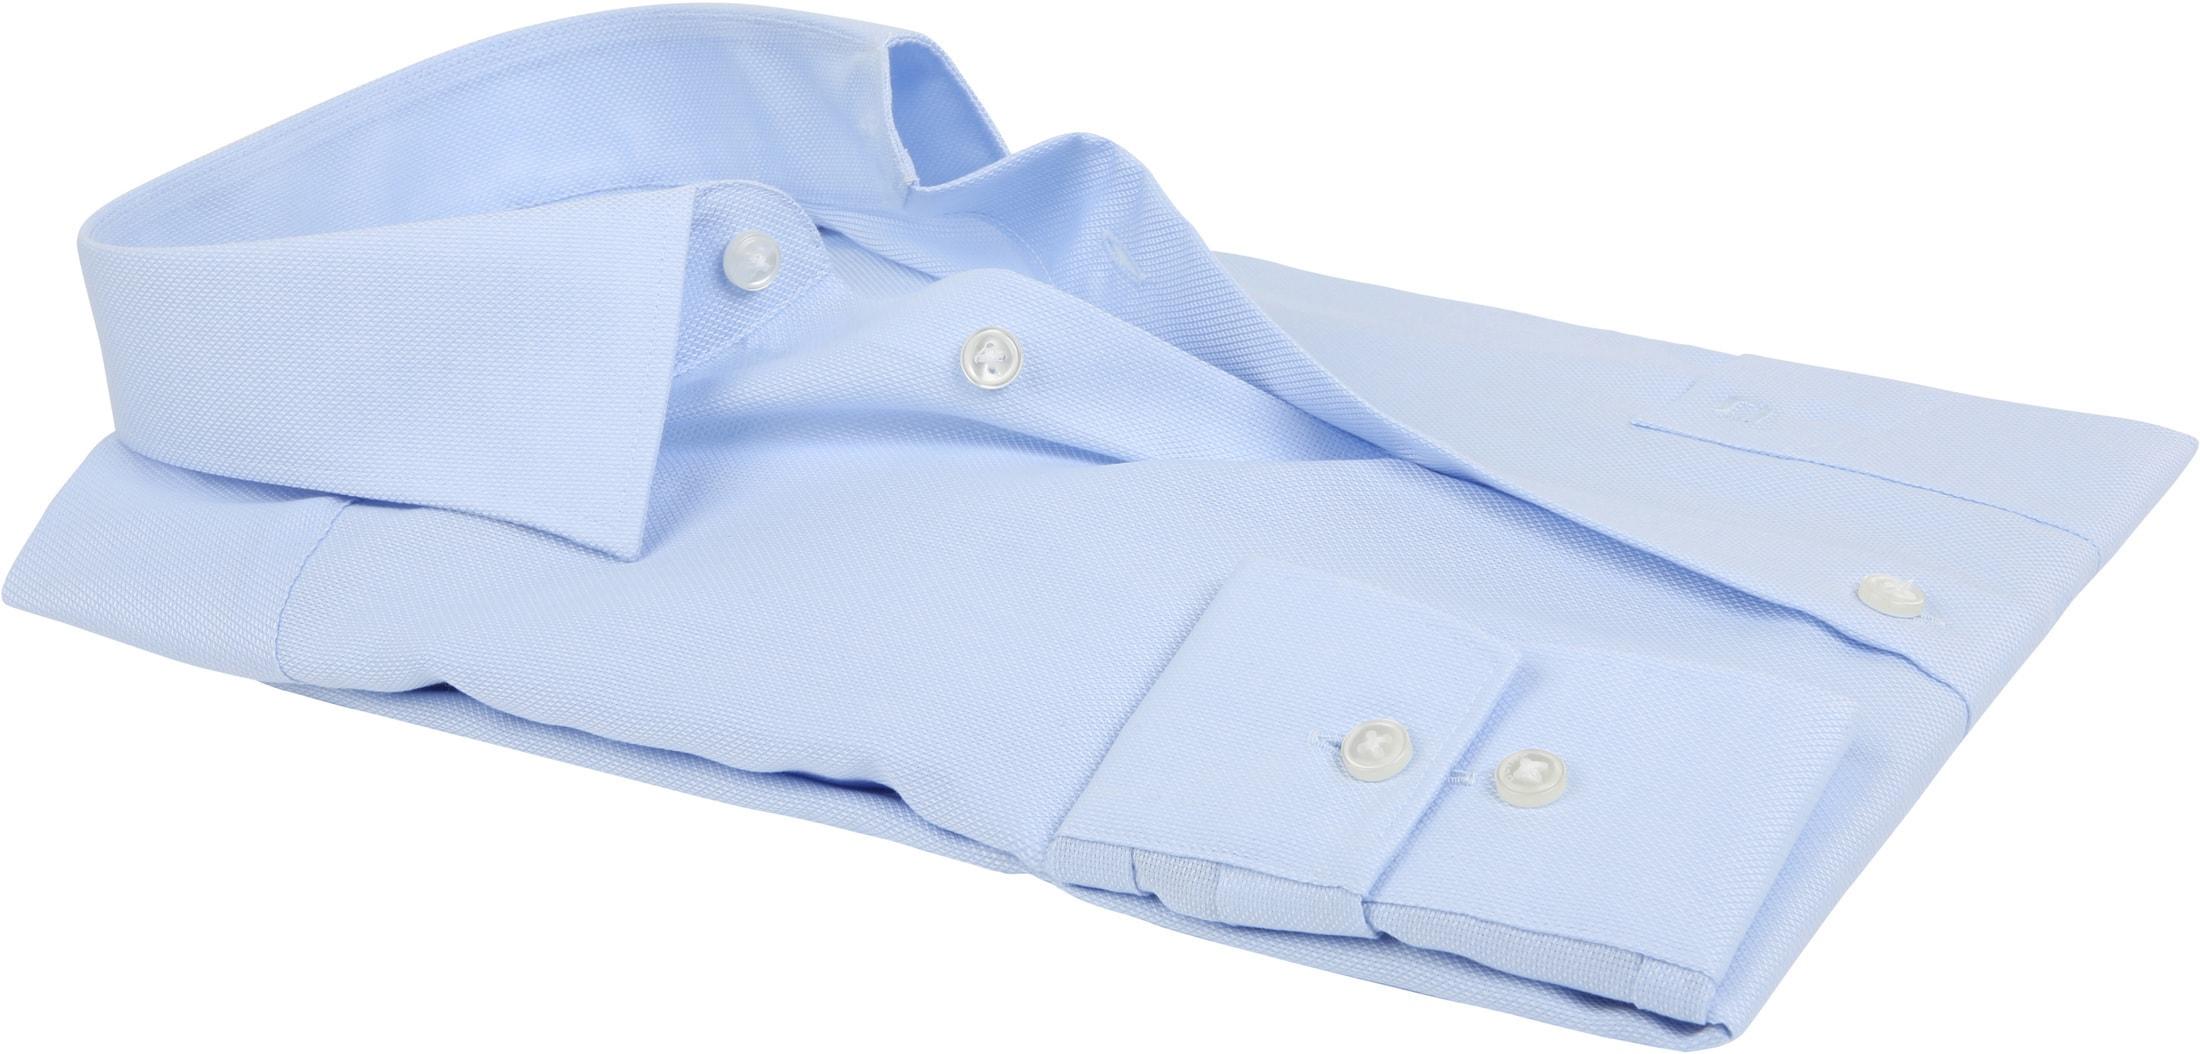 Olymp Luxor Shirt Blue Derby foto 3